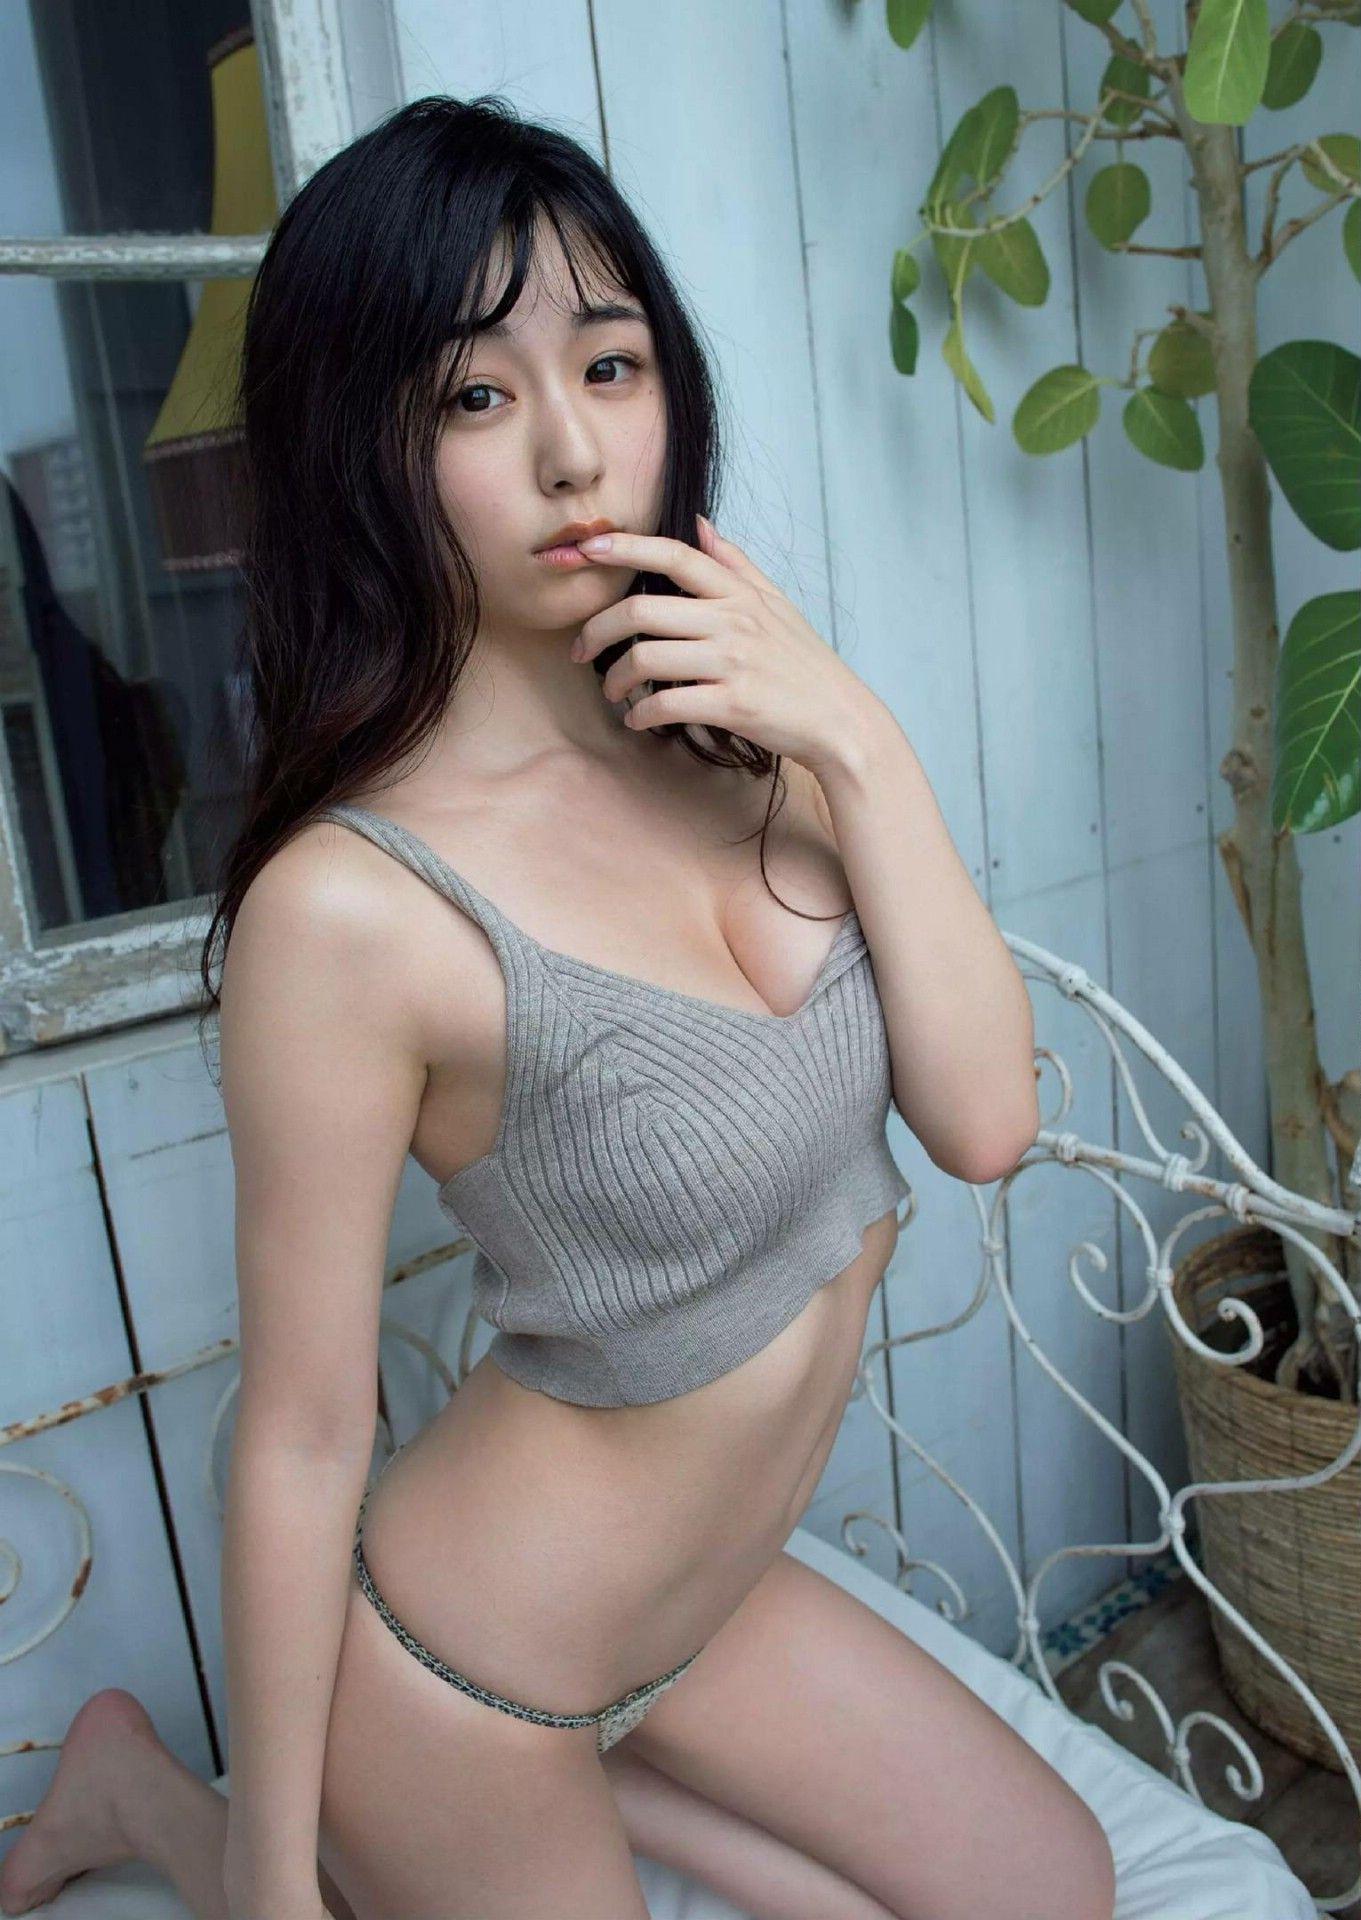 Weekly Playboy 2020-30_imgs-0048_2